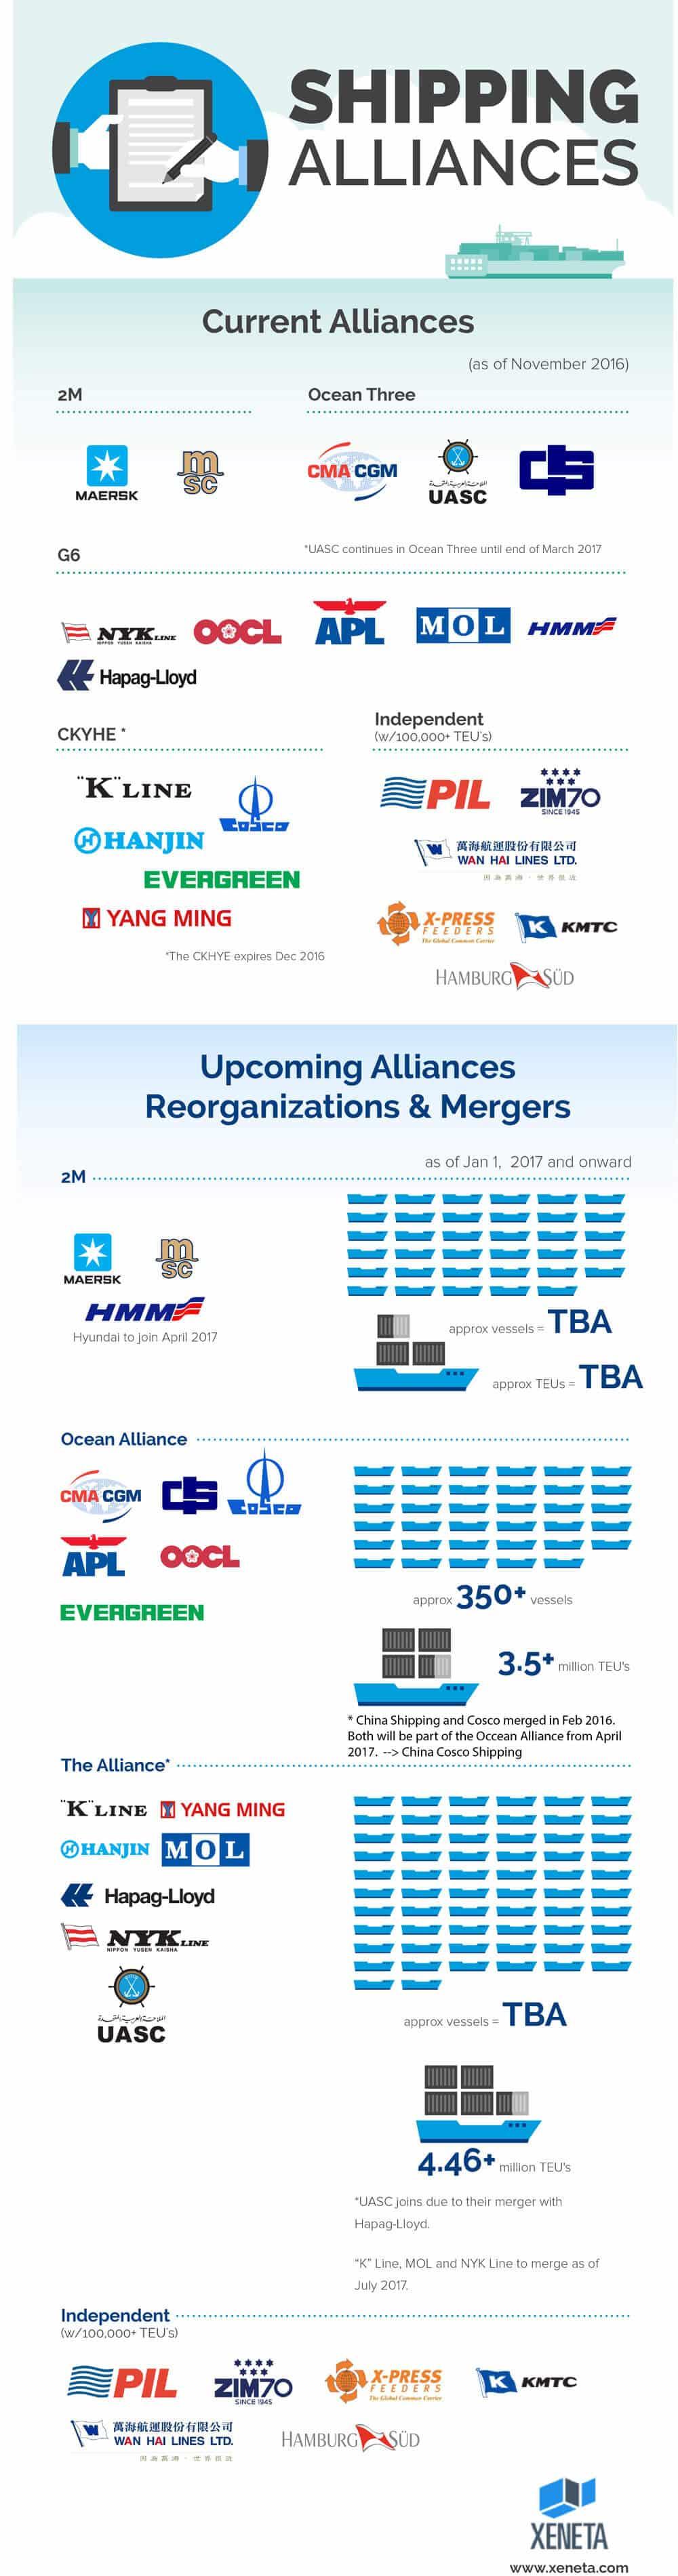 Xeneta-Shipping-Alliances-Guide